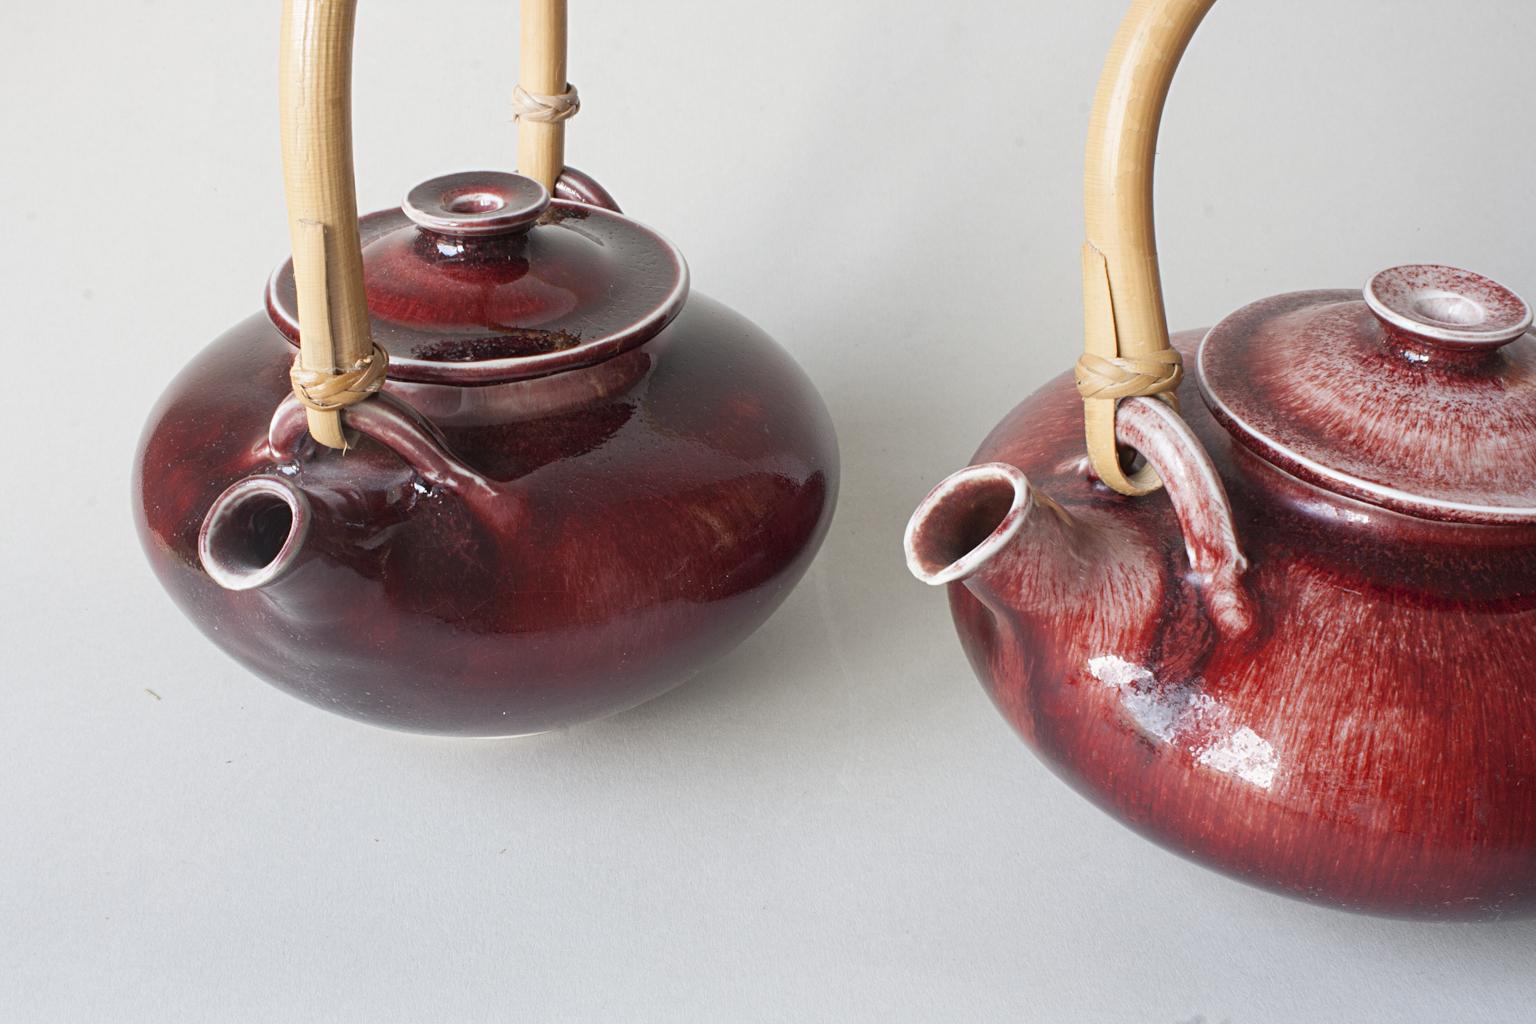 théières en porcelaine, rouge